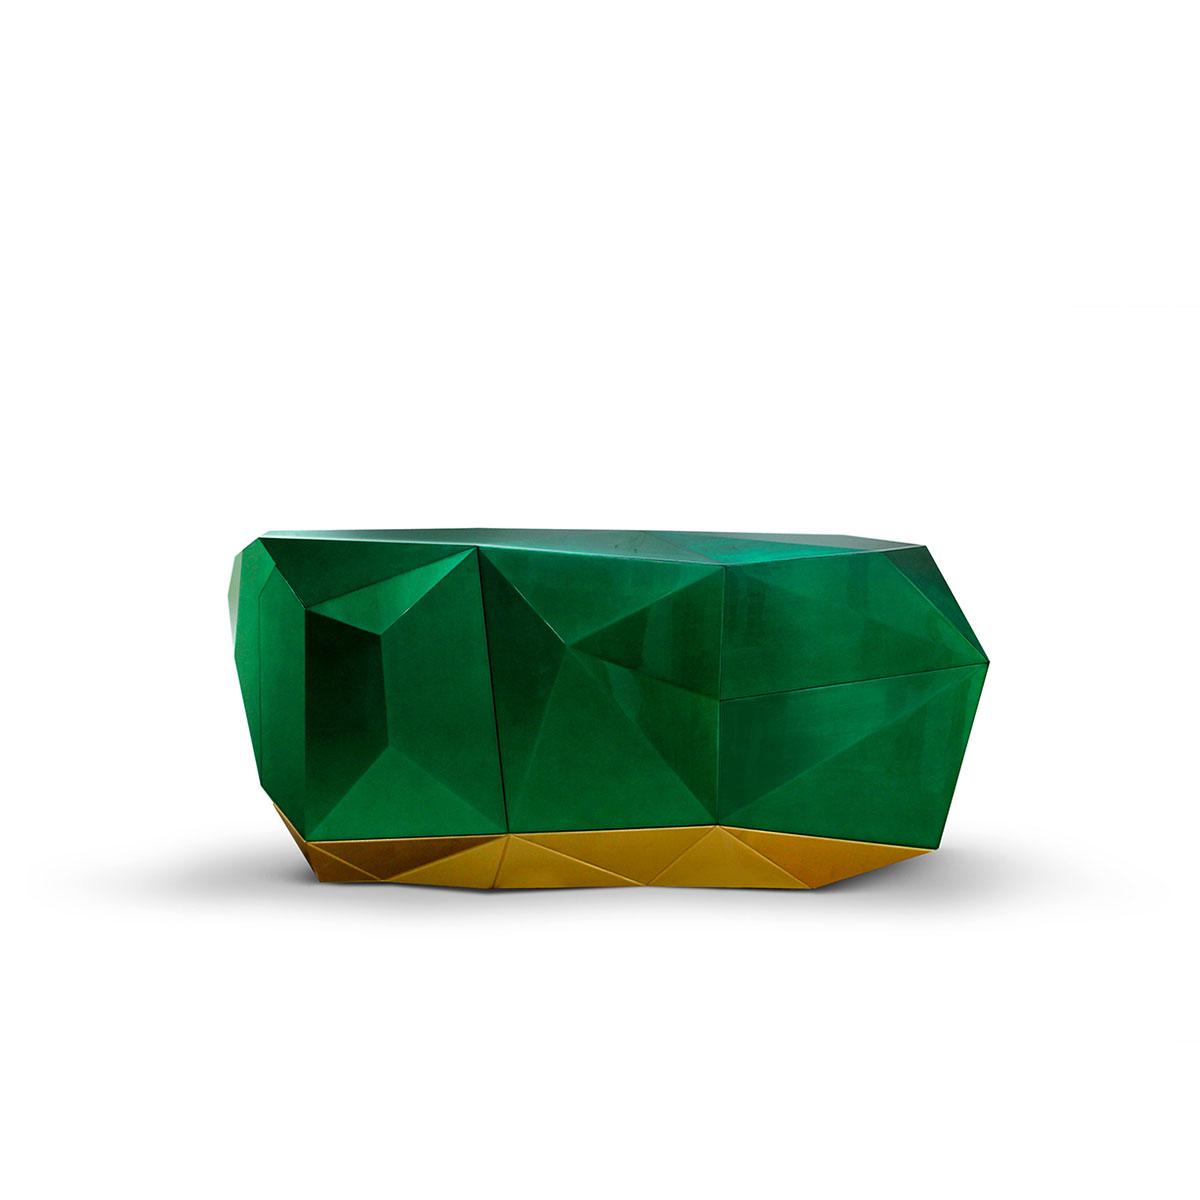 Aparadores Lujuosos: Ideas para poner en un proyecto exclusivo aparadores lujuosos Aparadores Lujuosos: Ideas para poner en un proyecto exclusivo diamond emerald sideboard boca do lobo 01